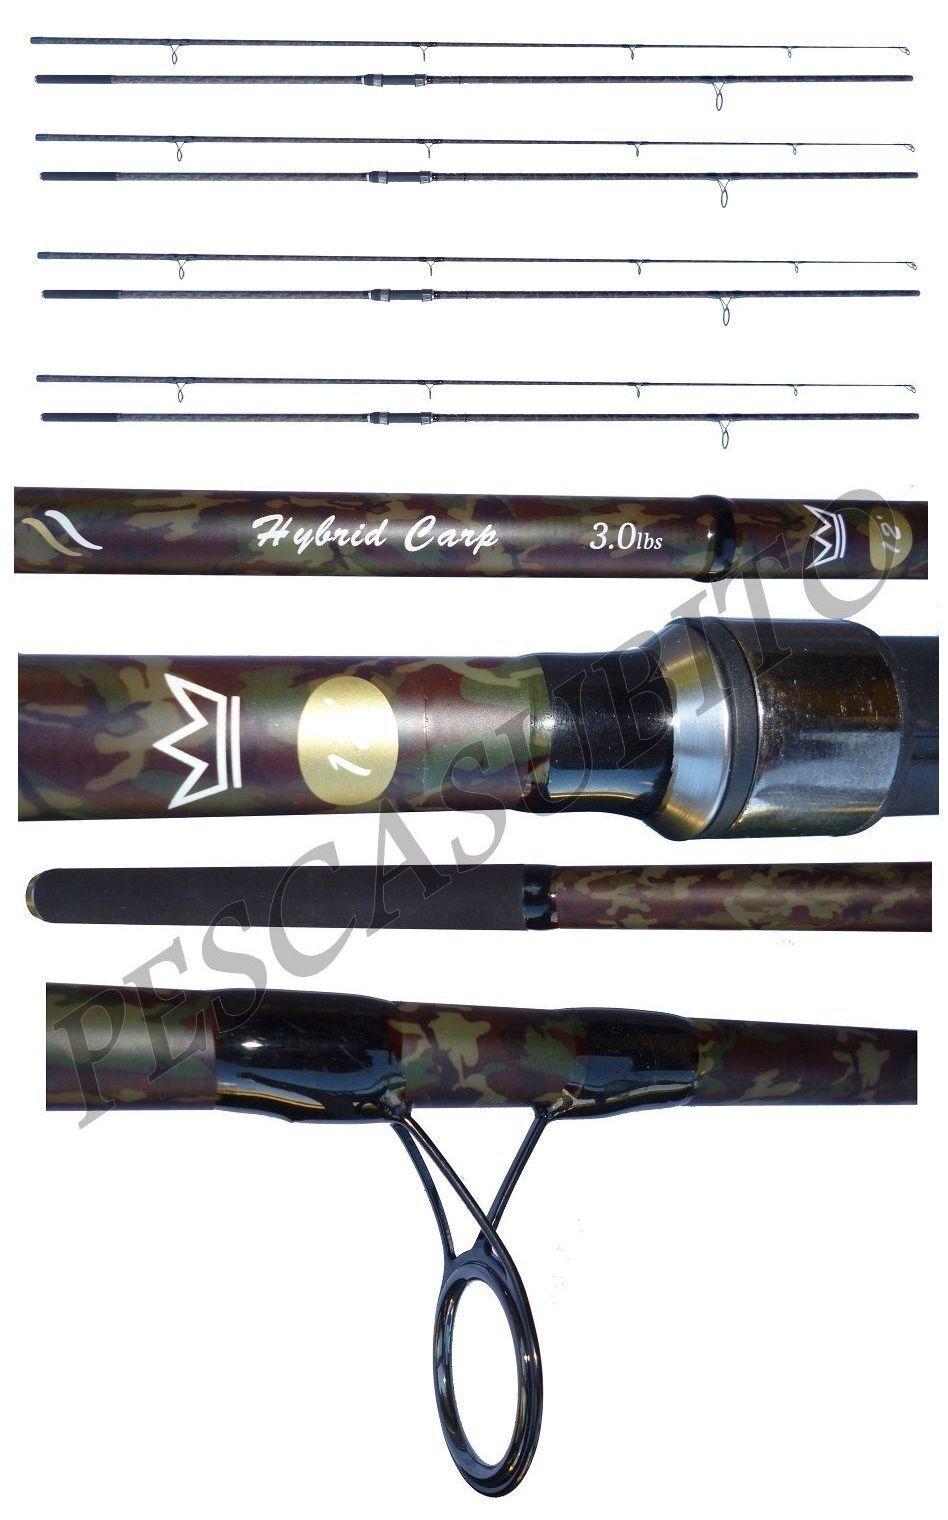 Carpfishing combo 4 canne mimetiche pesca carp fishing 3Lb kit carpa carbonio